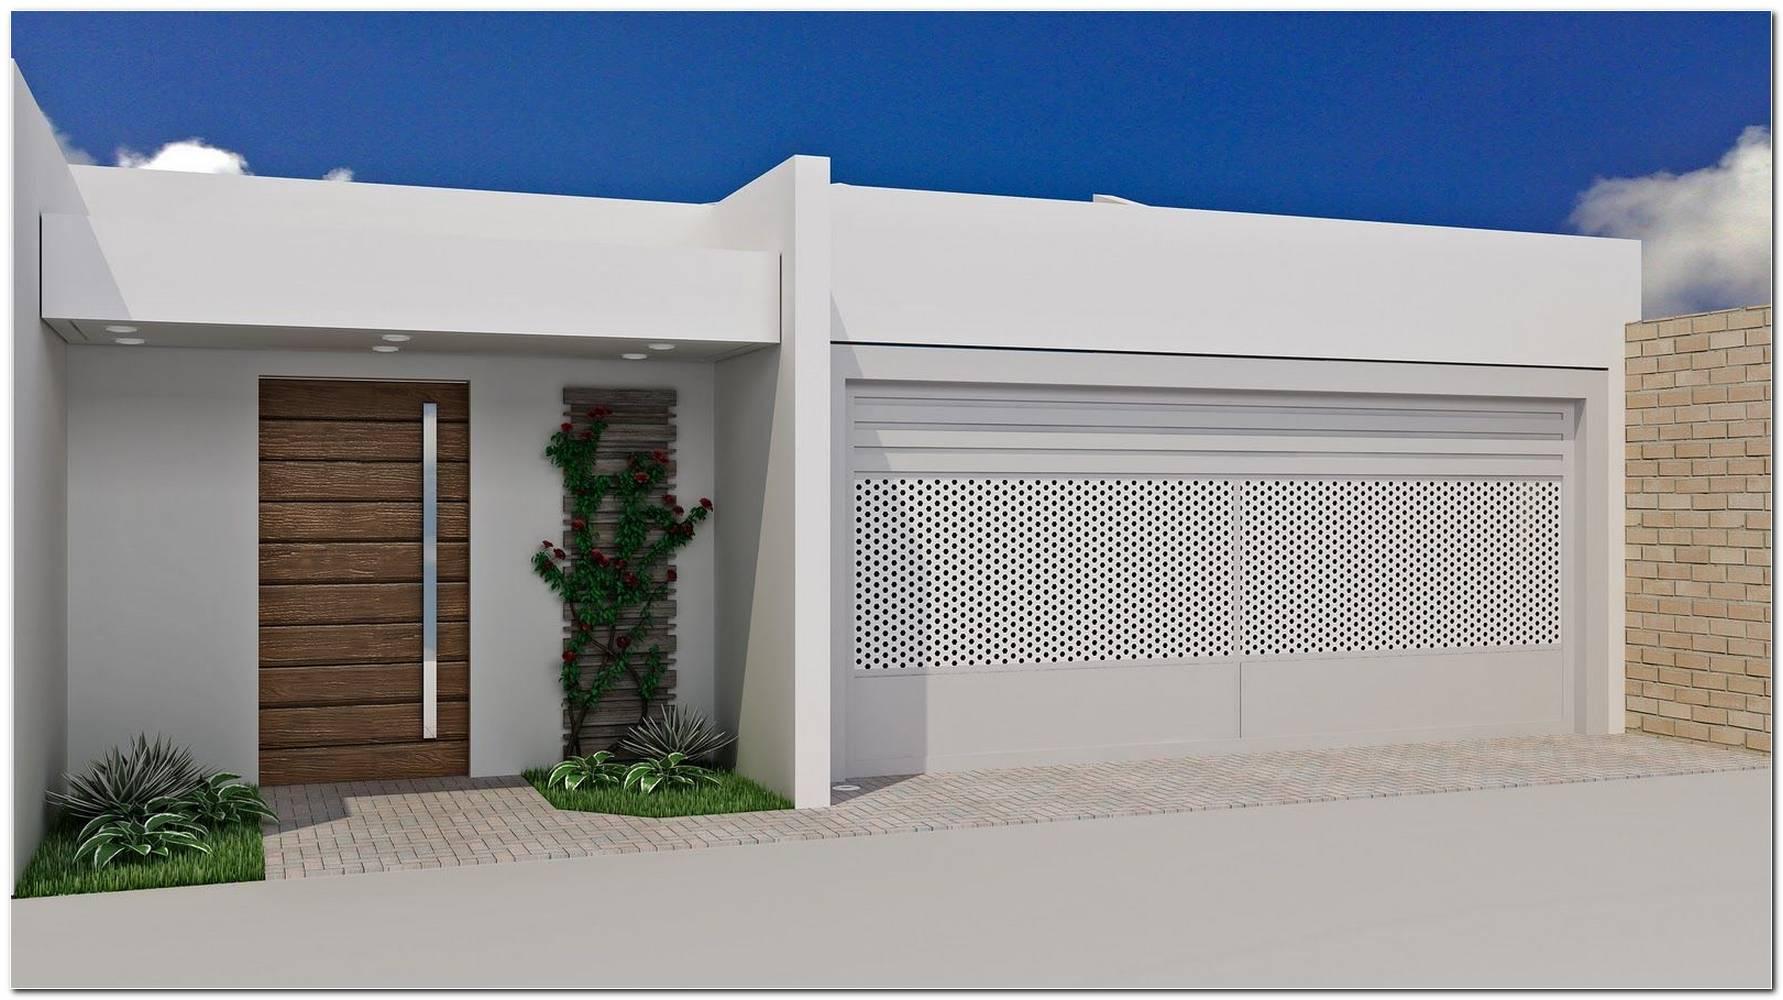 Fachada De Casas Com Muros E Portões